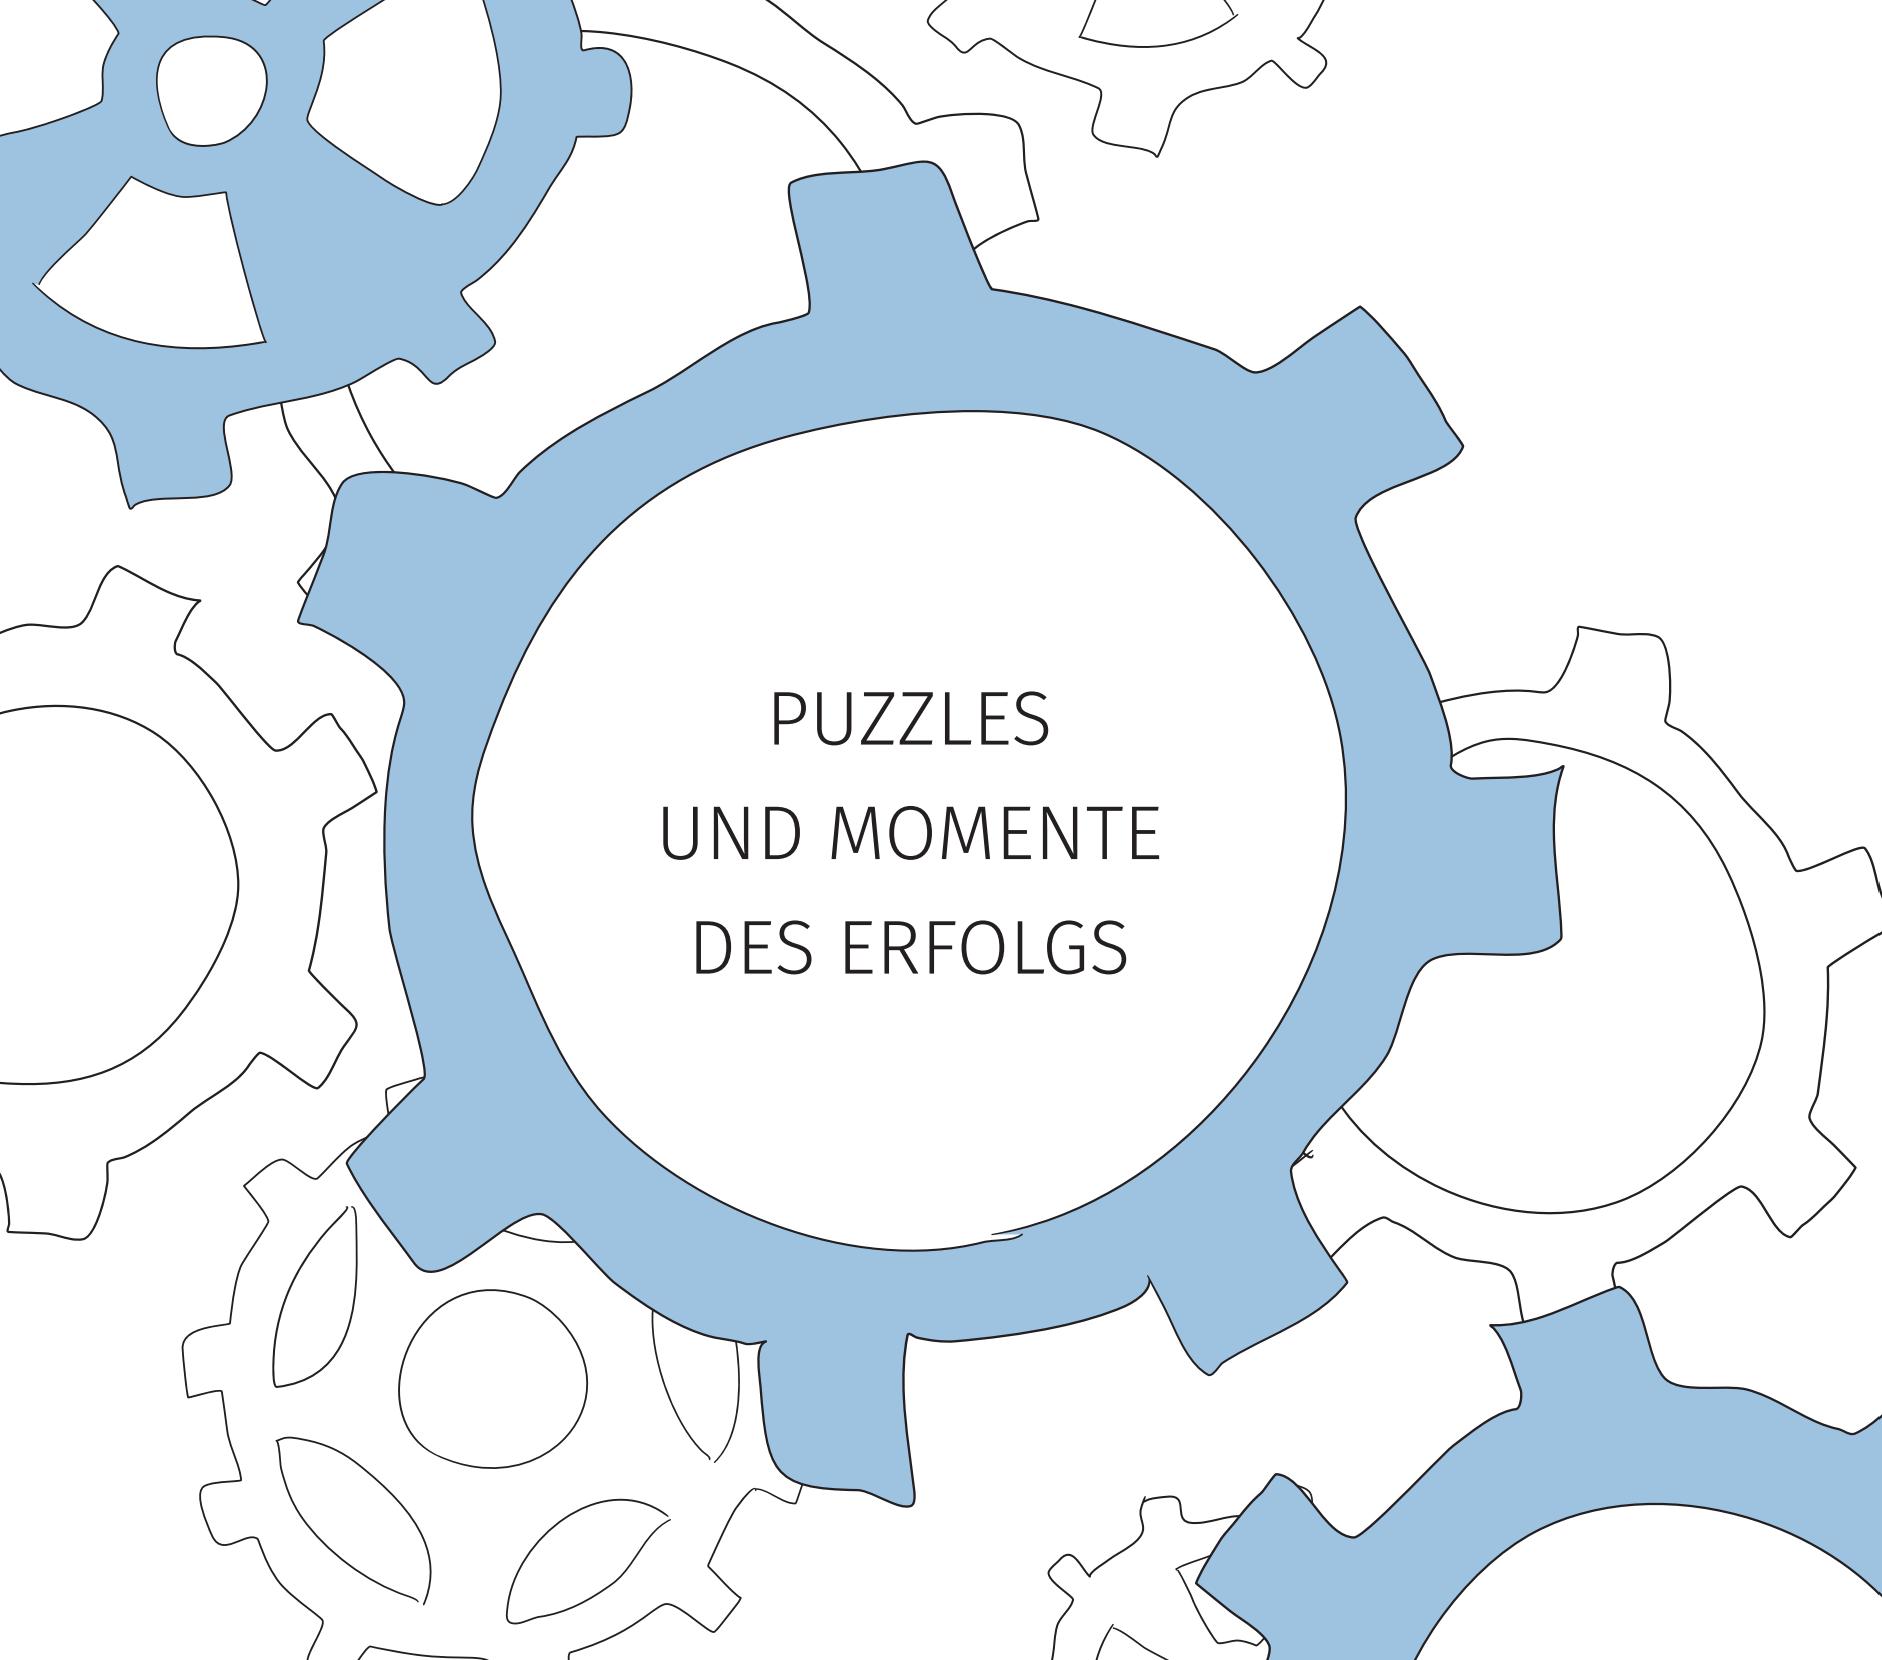 Puzzles und Momente des Erfolgs